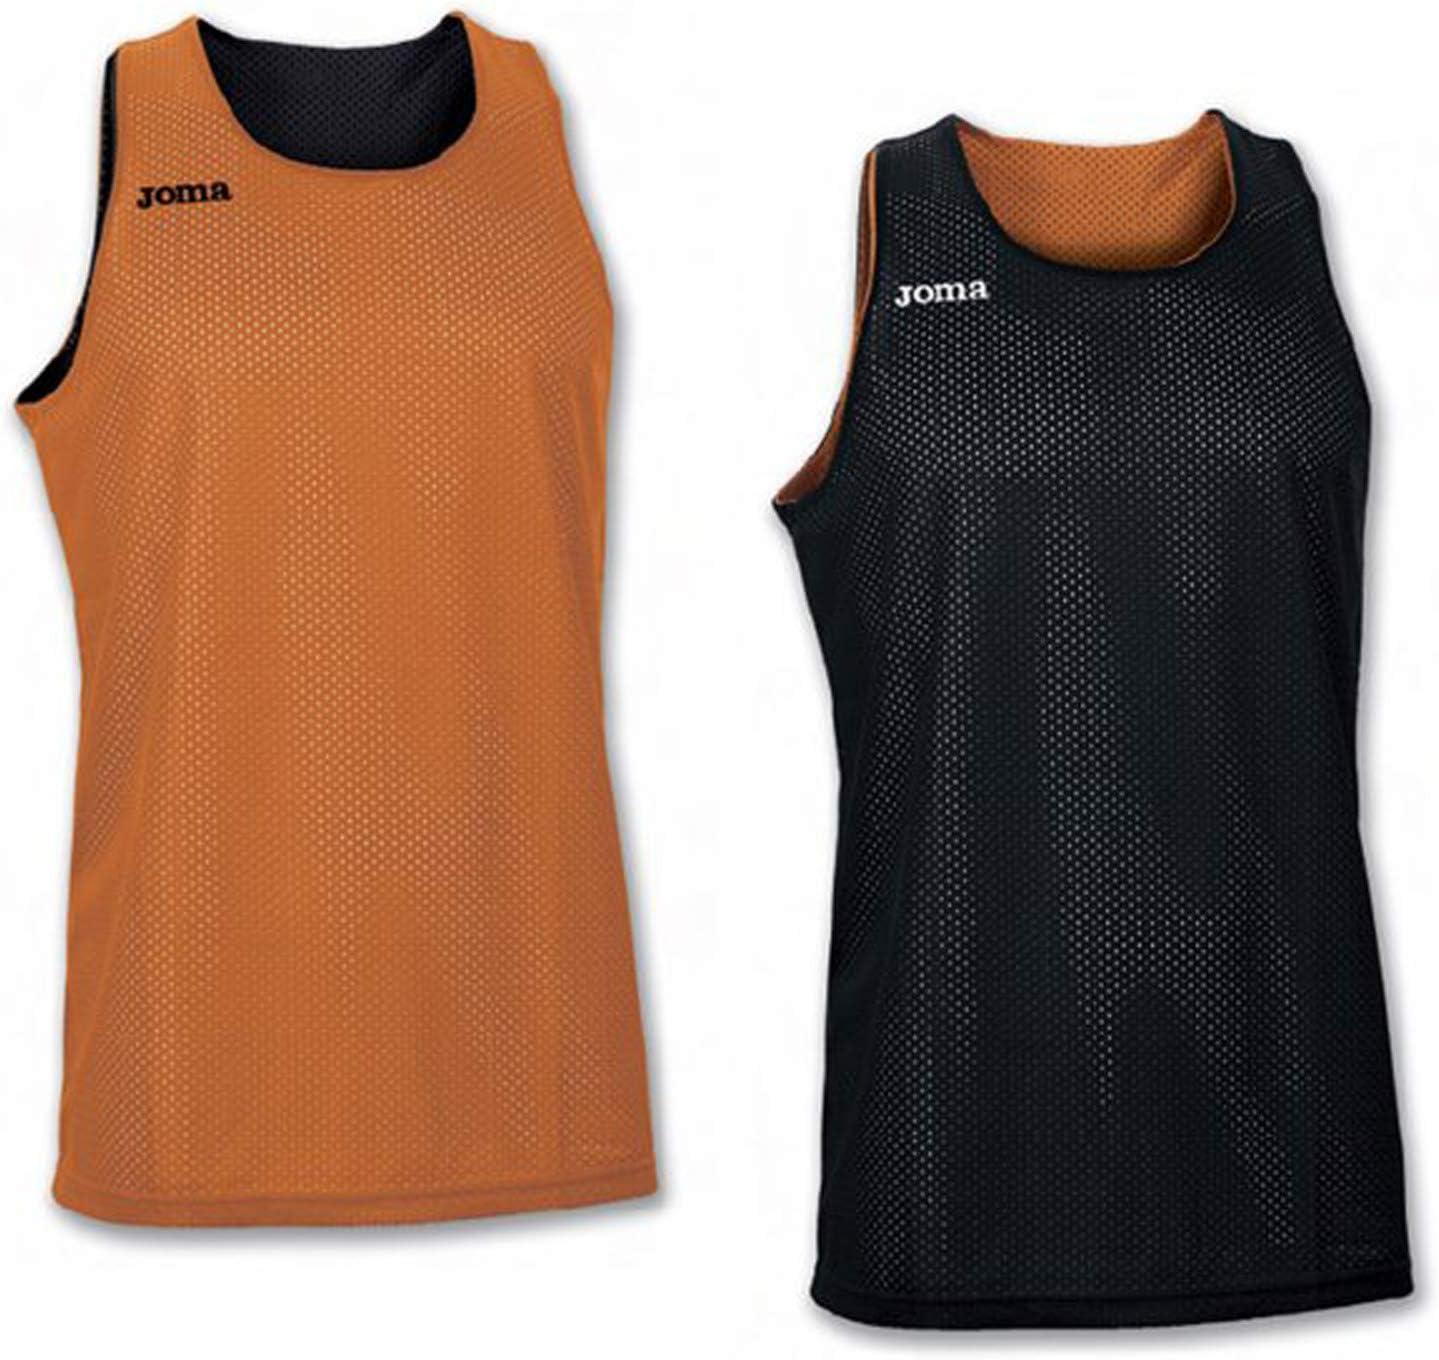 Joma 100050 - Camiseta de baloncesto para hombre